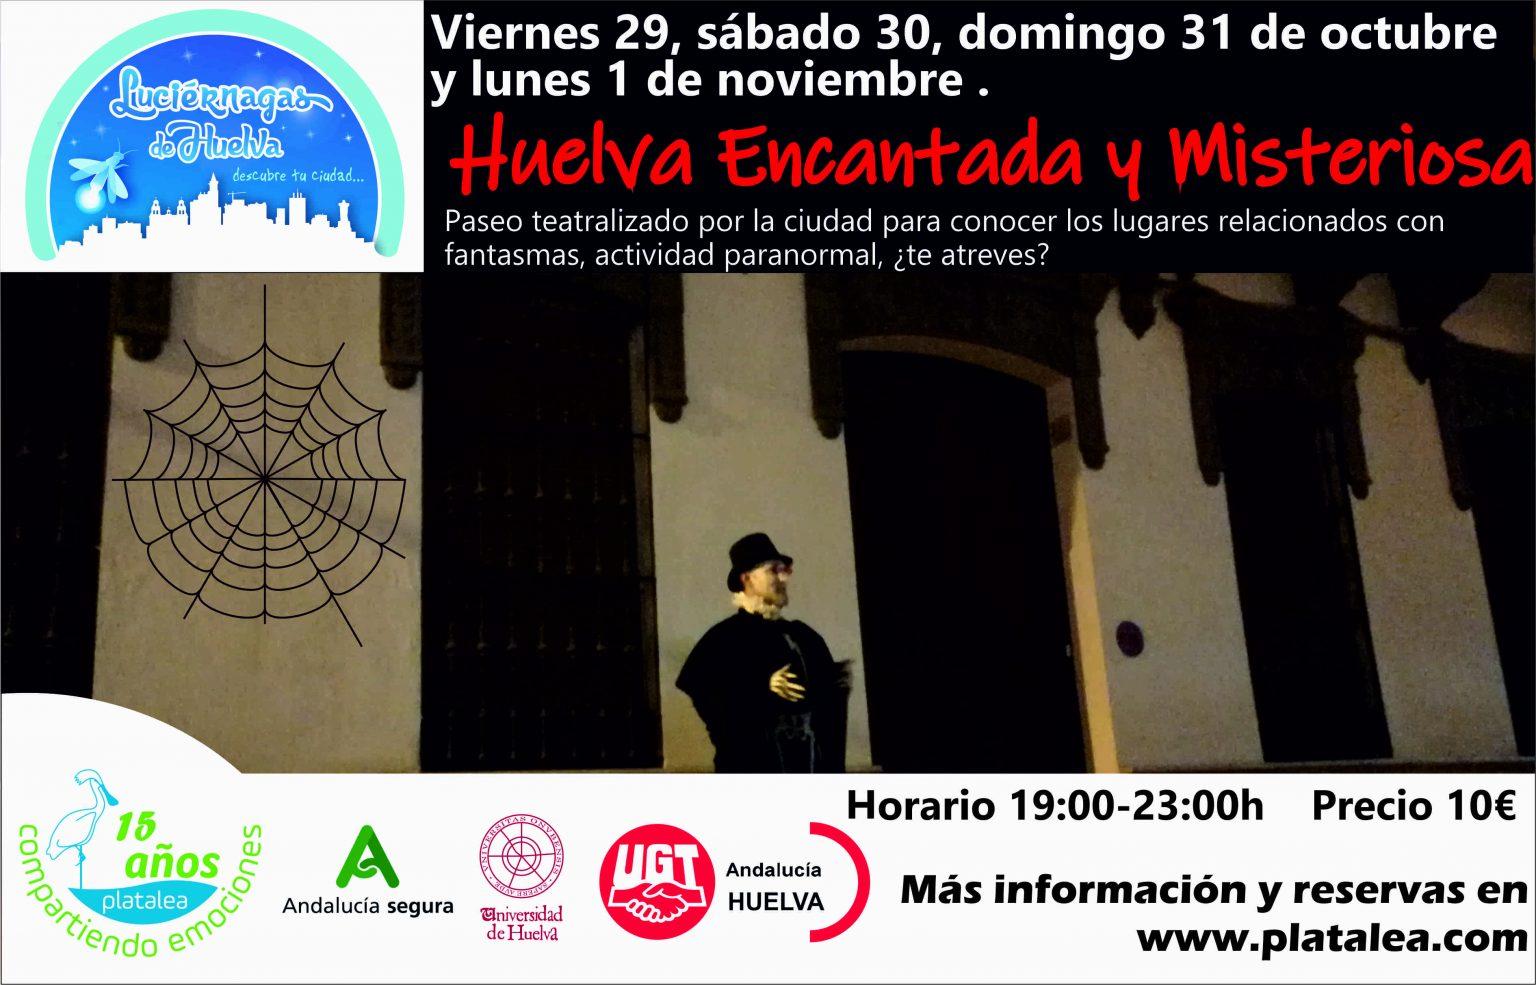 La Huelva encantada y misteriosa halloween 2021